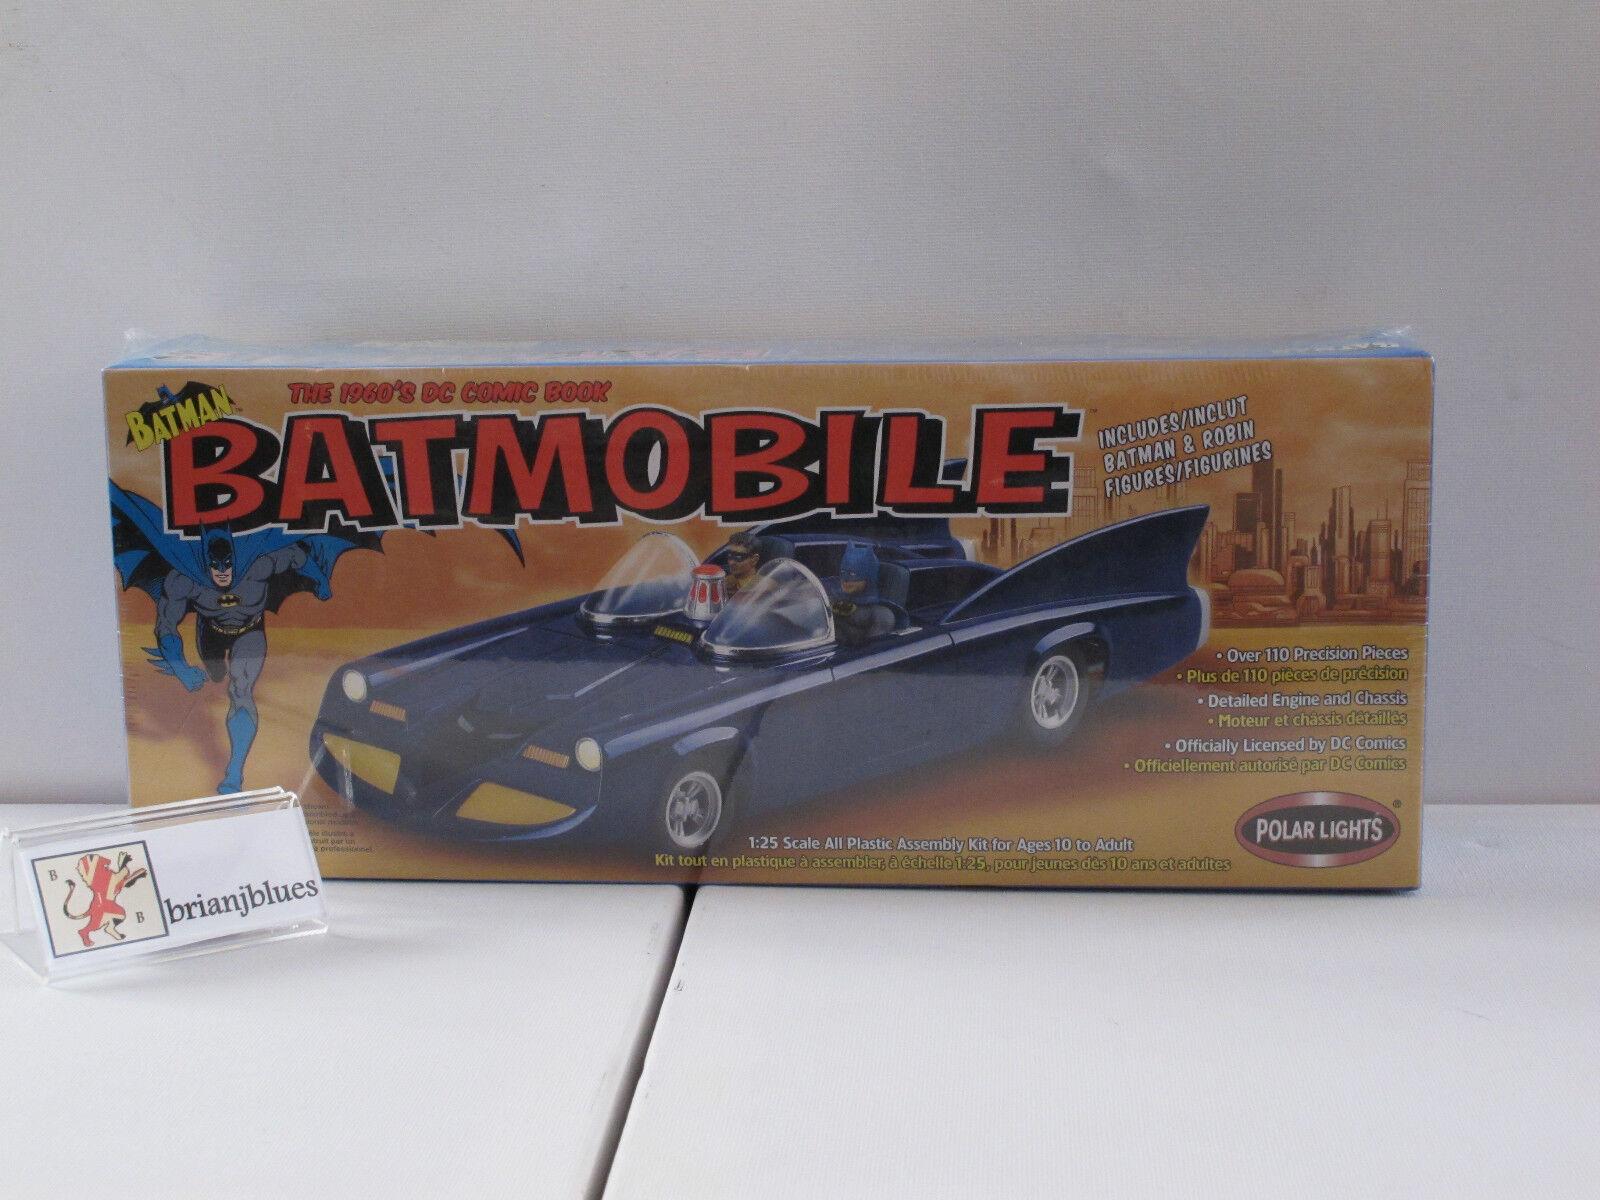 POLAR LIGHTS VINTAGE BATMOBILE MODEL KIT STILL BOXED & SEALED (2002)